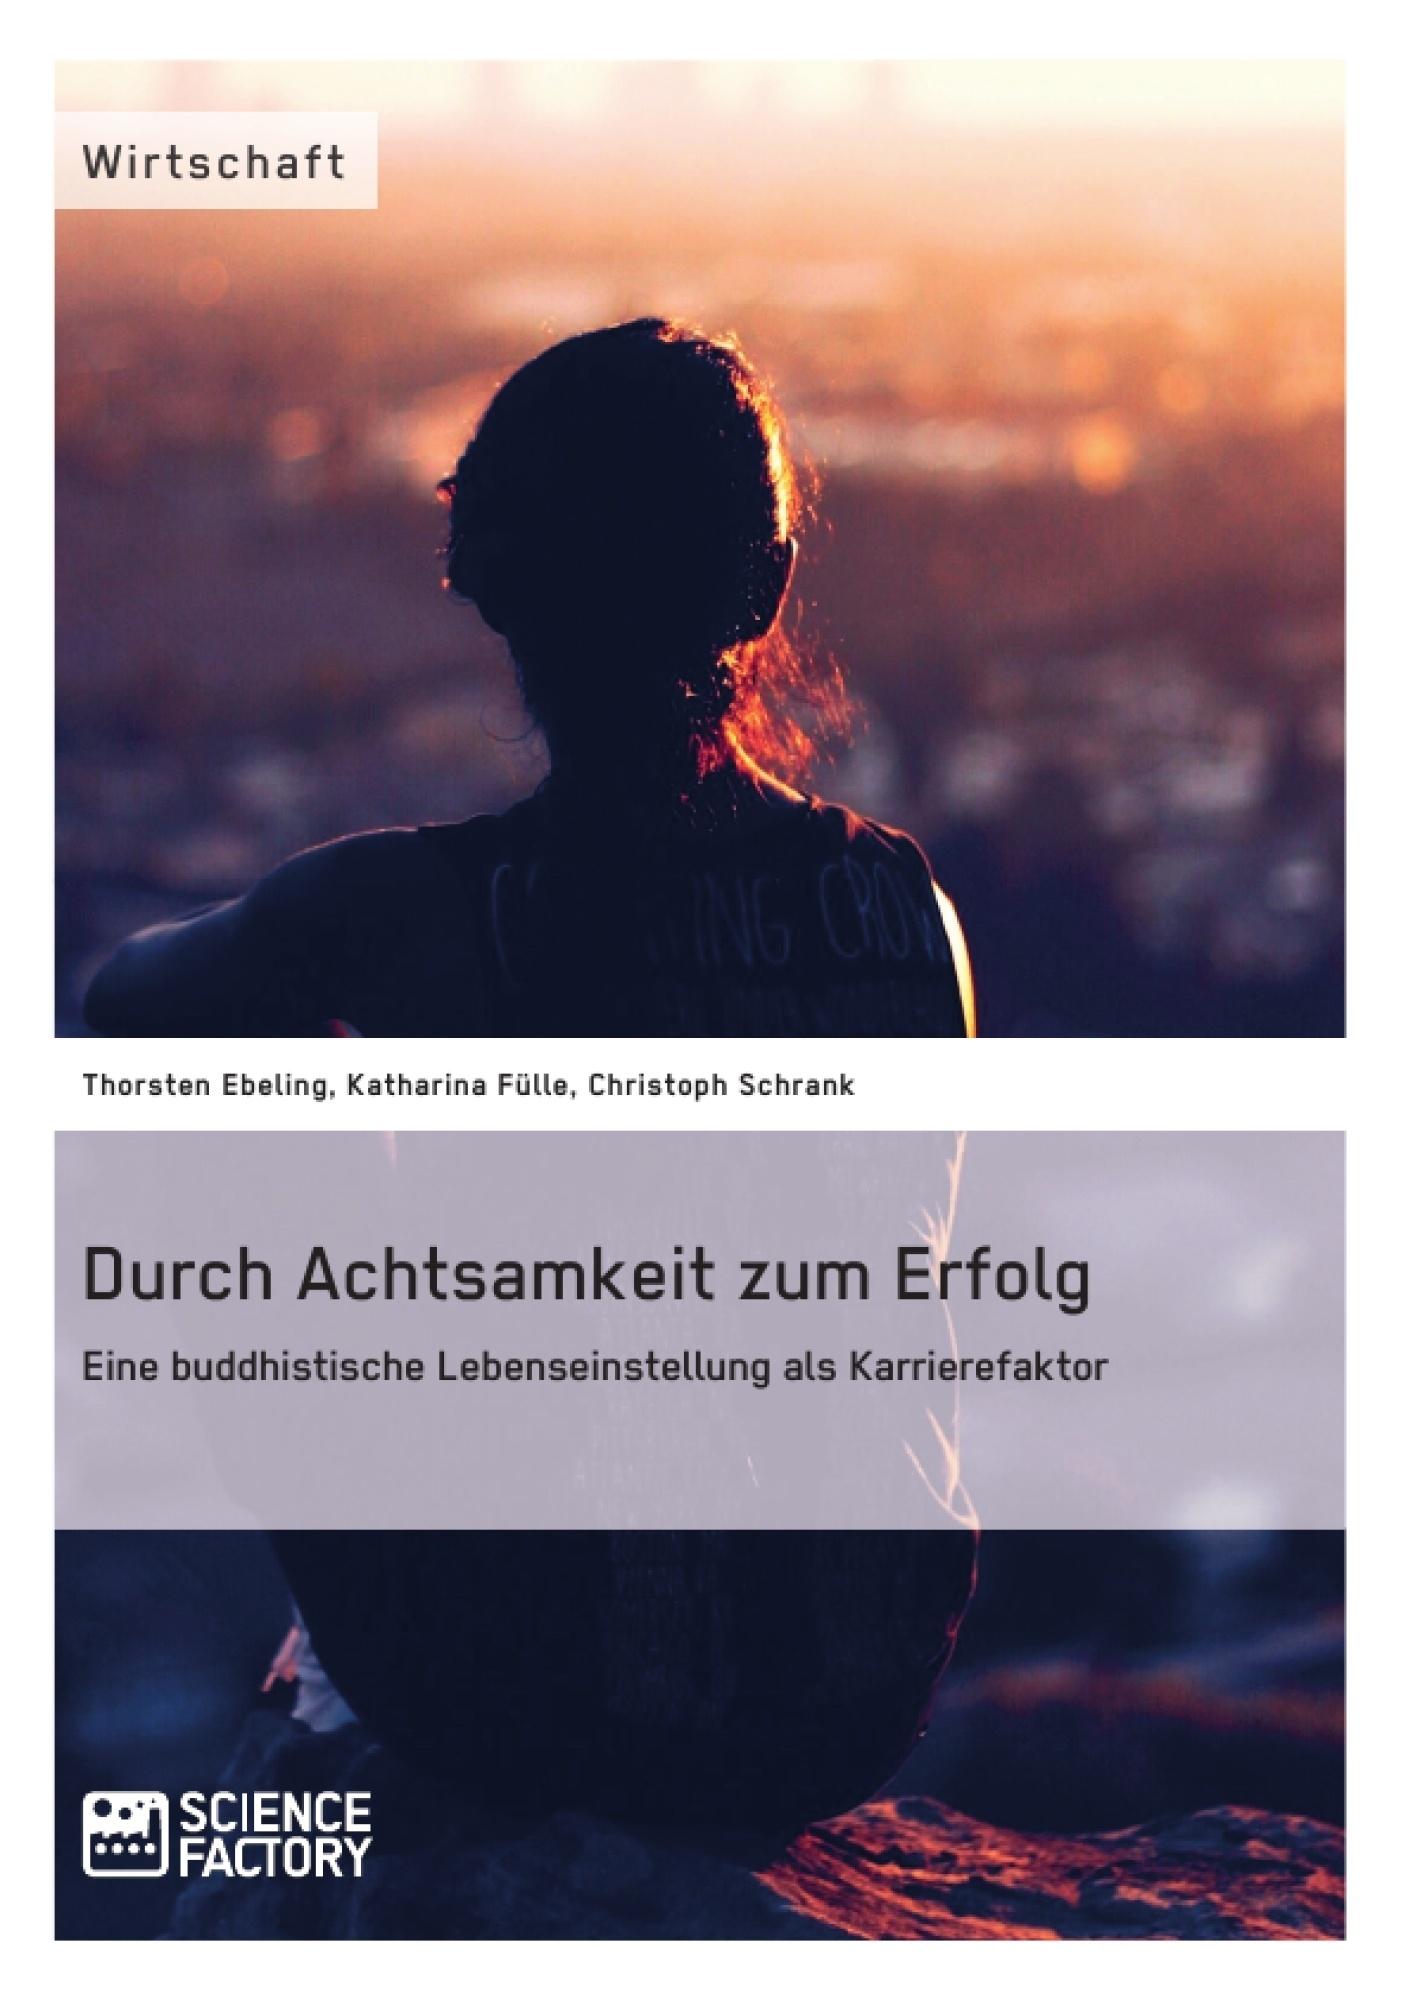 Titel: Durch Achtsamkeit zum Erfolg.  Eine buddhistische Lebenseinstellung als Karrierefaktor